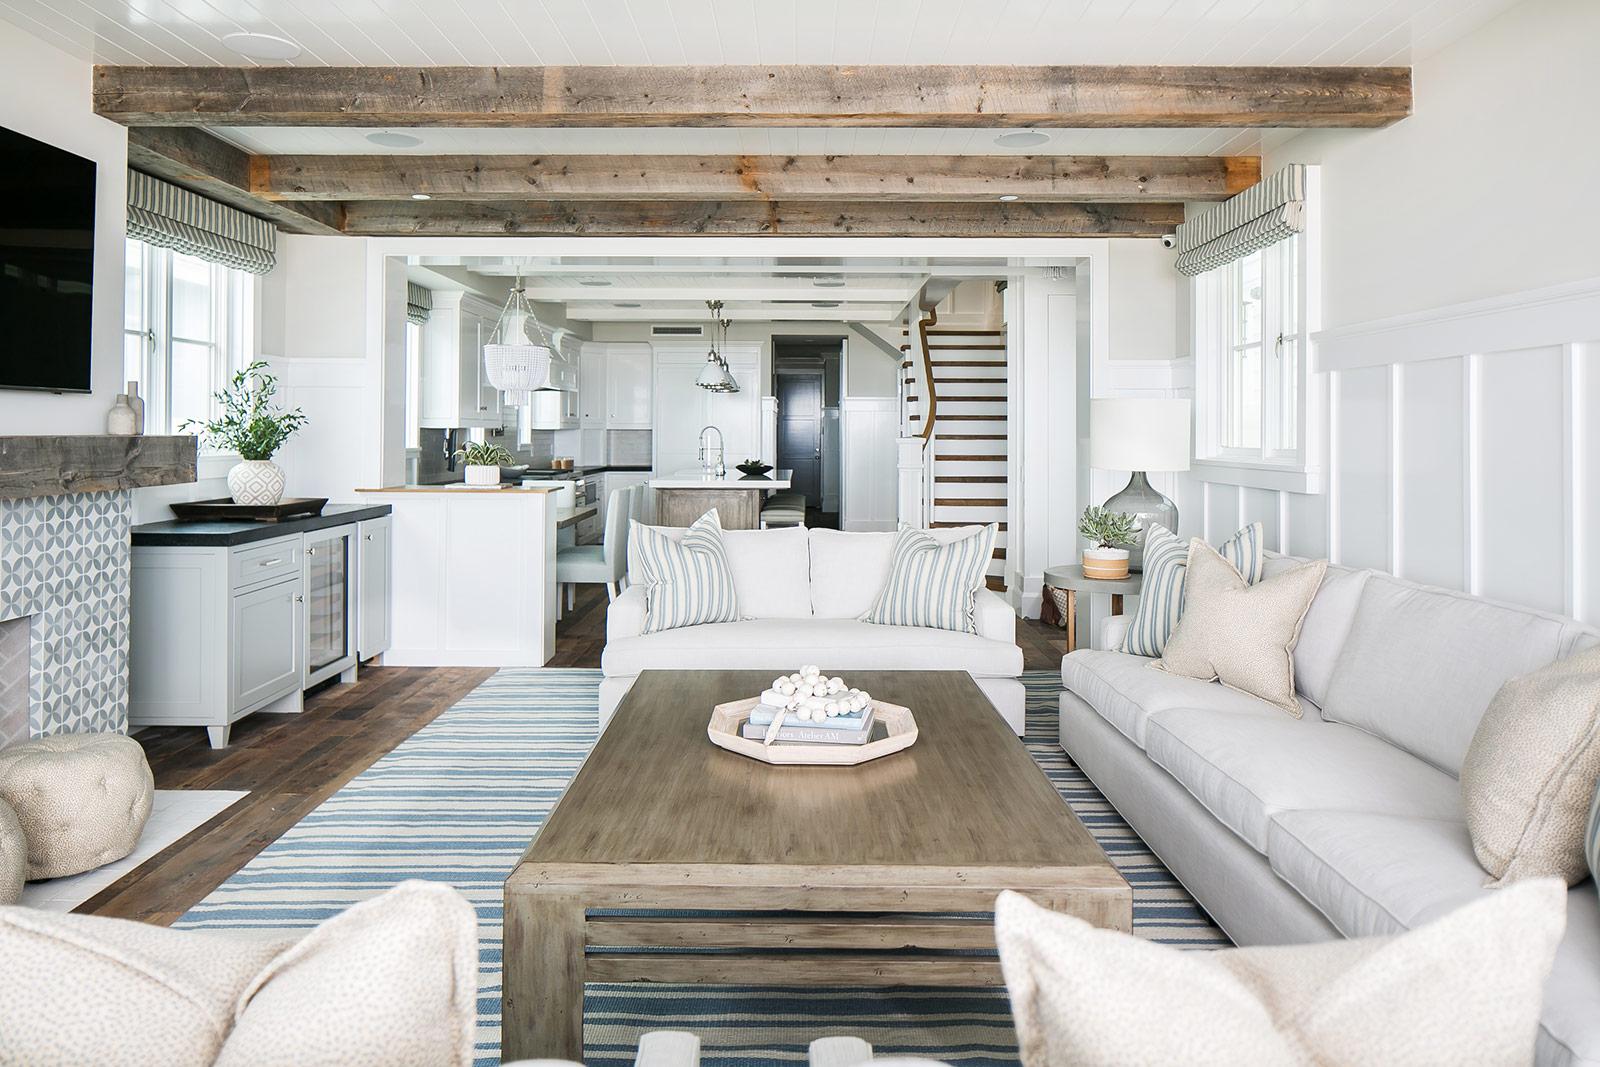 Casa junto a la playa en newport beach california blog tienda decoraci n estilo n rdico - Camino a casa decoracion ...